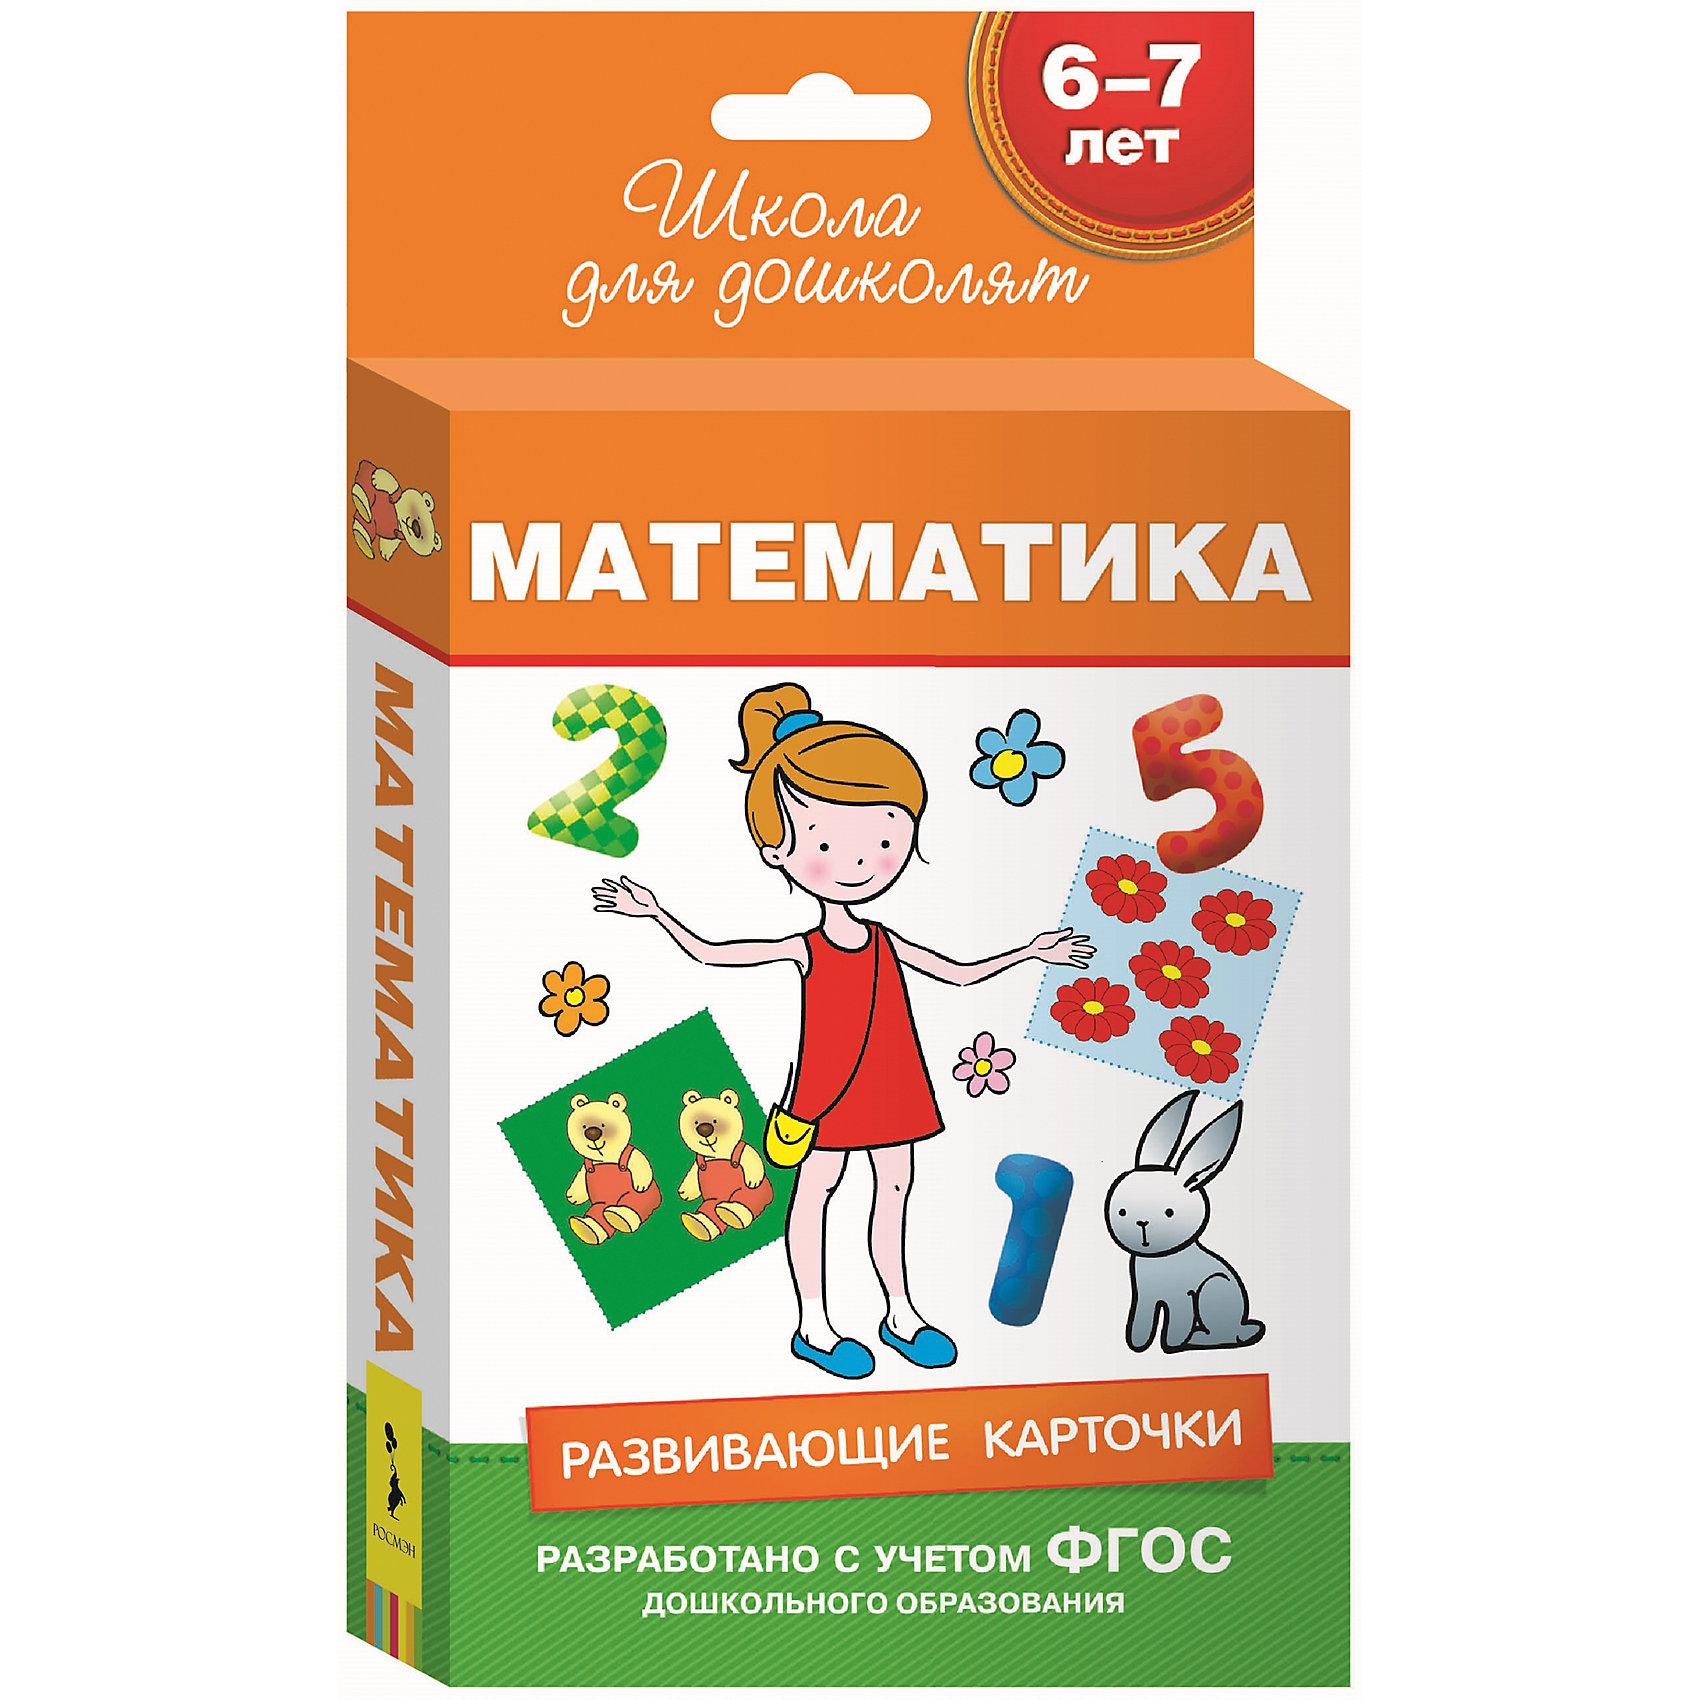 Развивающие карточки Математика, Школа для дошколятРосмэн<br>Набор развивающих карточек Математика познакомит ребенка с простыми задачами, счетом в пределах 10, геометрическими фигурами и сравнением чисел.&#13;<br>Игры с карточками разовьют нестандартное мышление и логику, обогатят математическими знаниями и умениями, подготовят к обучению в школе.<br><br>Ширина мм: 130<br>Глубина мм: 93<br>Высота мм: 21<br>Вес г: 161<br>Возраст от месяцев: 48<br>Возраст до месяцев: 84<br>Пол: Унисекс<br>Возраст: Детский<br>SKU: 4637429